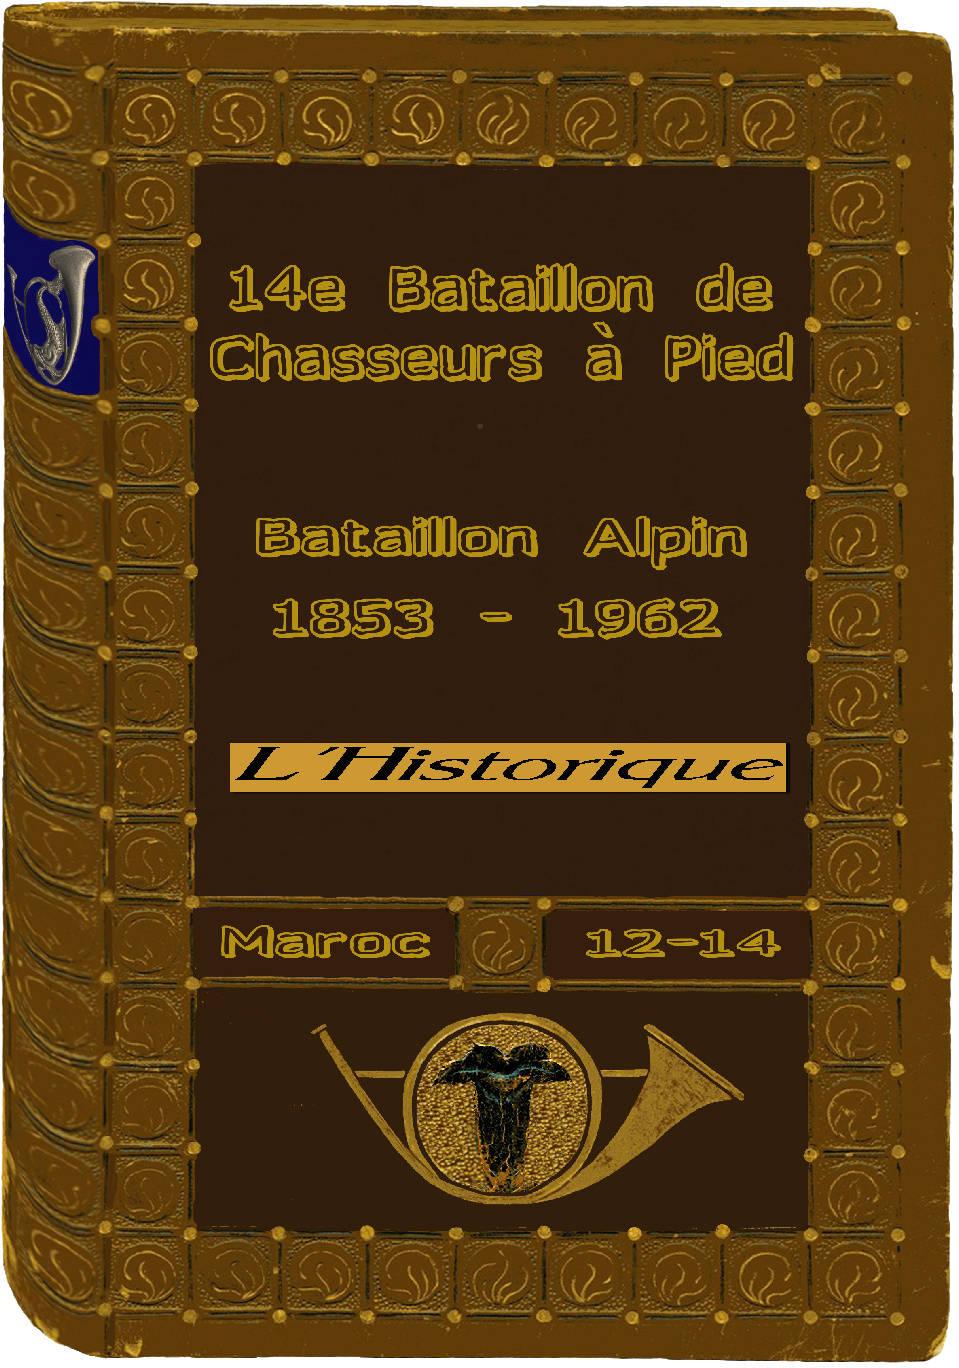 L'Historique du 14e Bataillon de Chasseurs. 1854 - 1962 Page_115